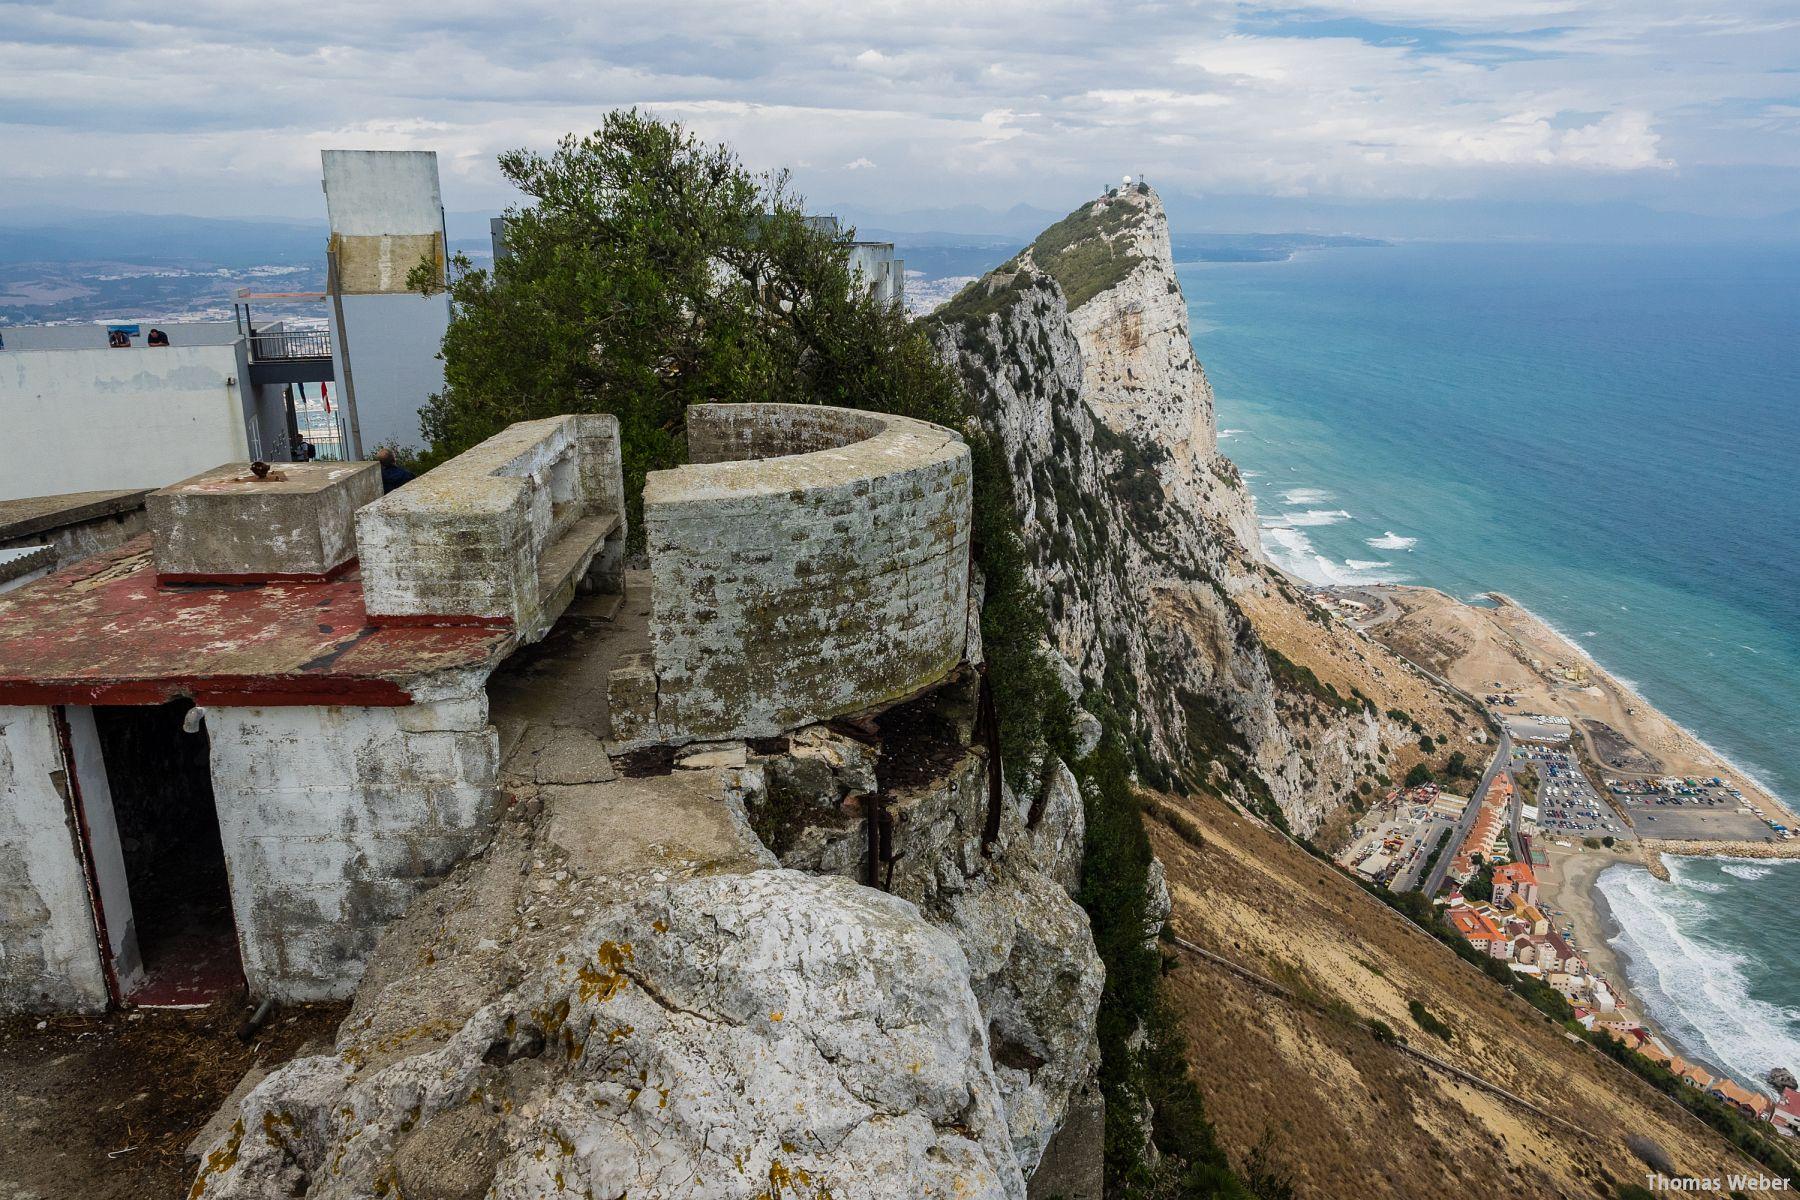 Fotograf Thomas Weber aus Oldenburg: Einige Fotos aus Andalusien (Spanien)